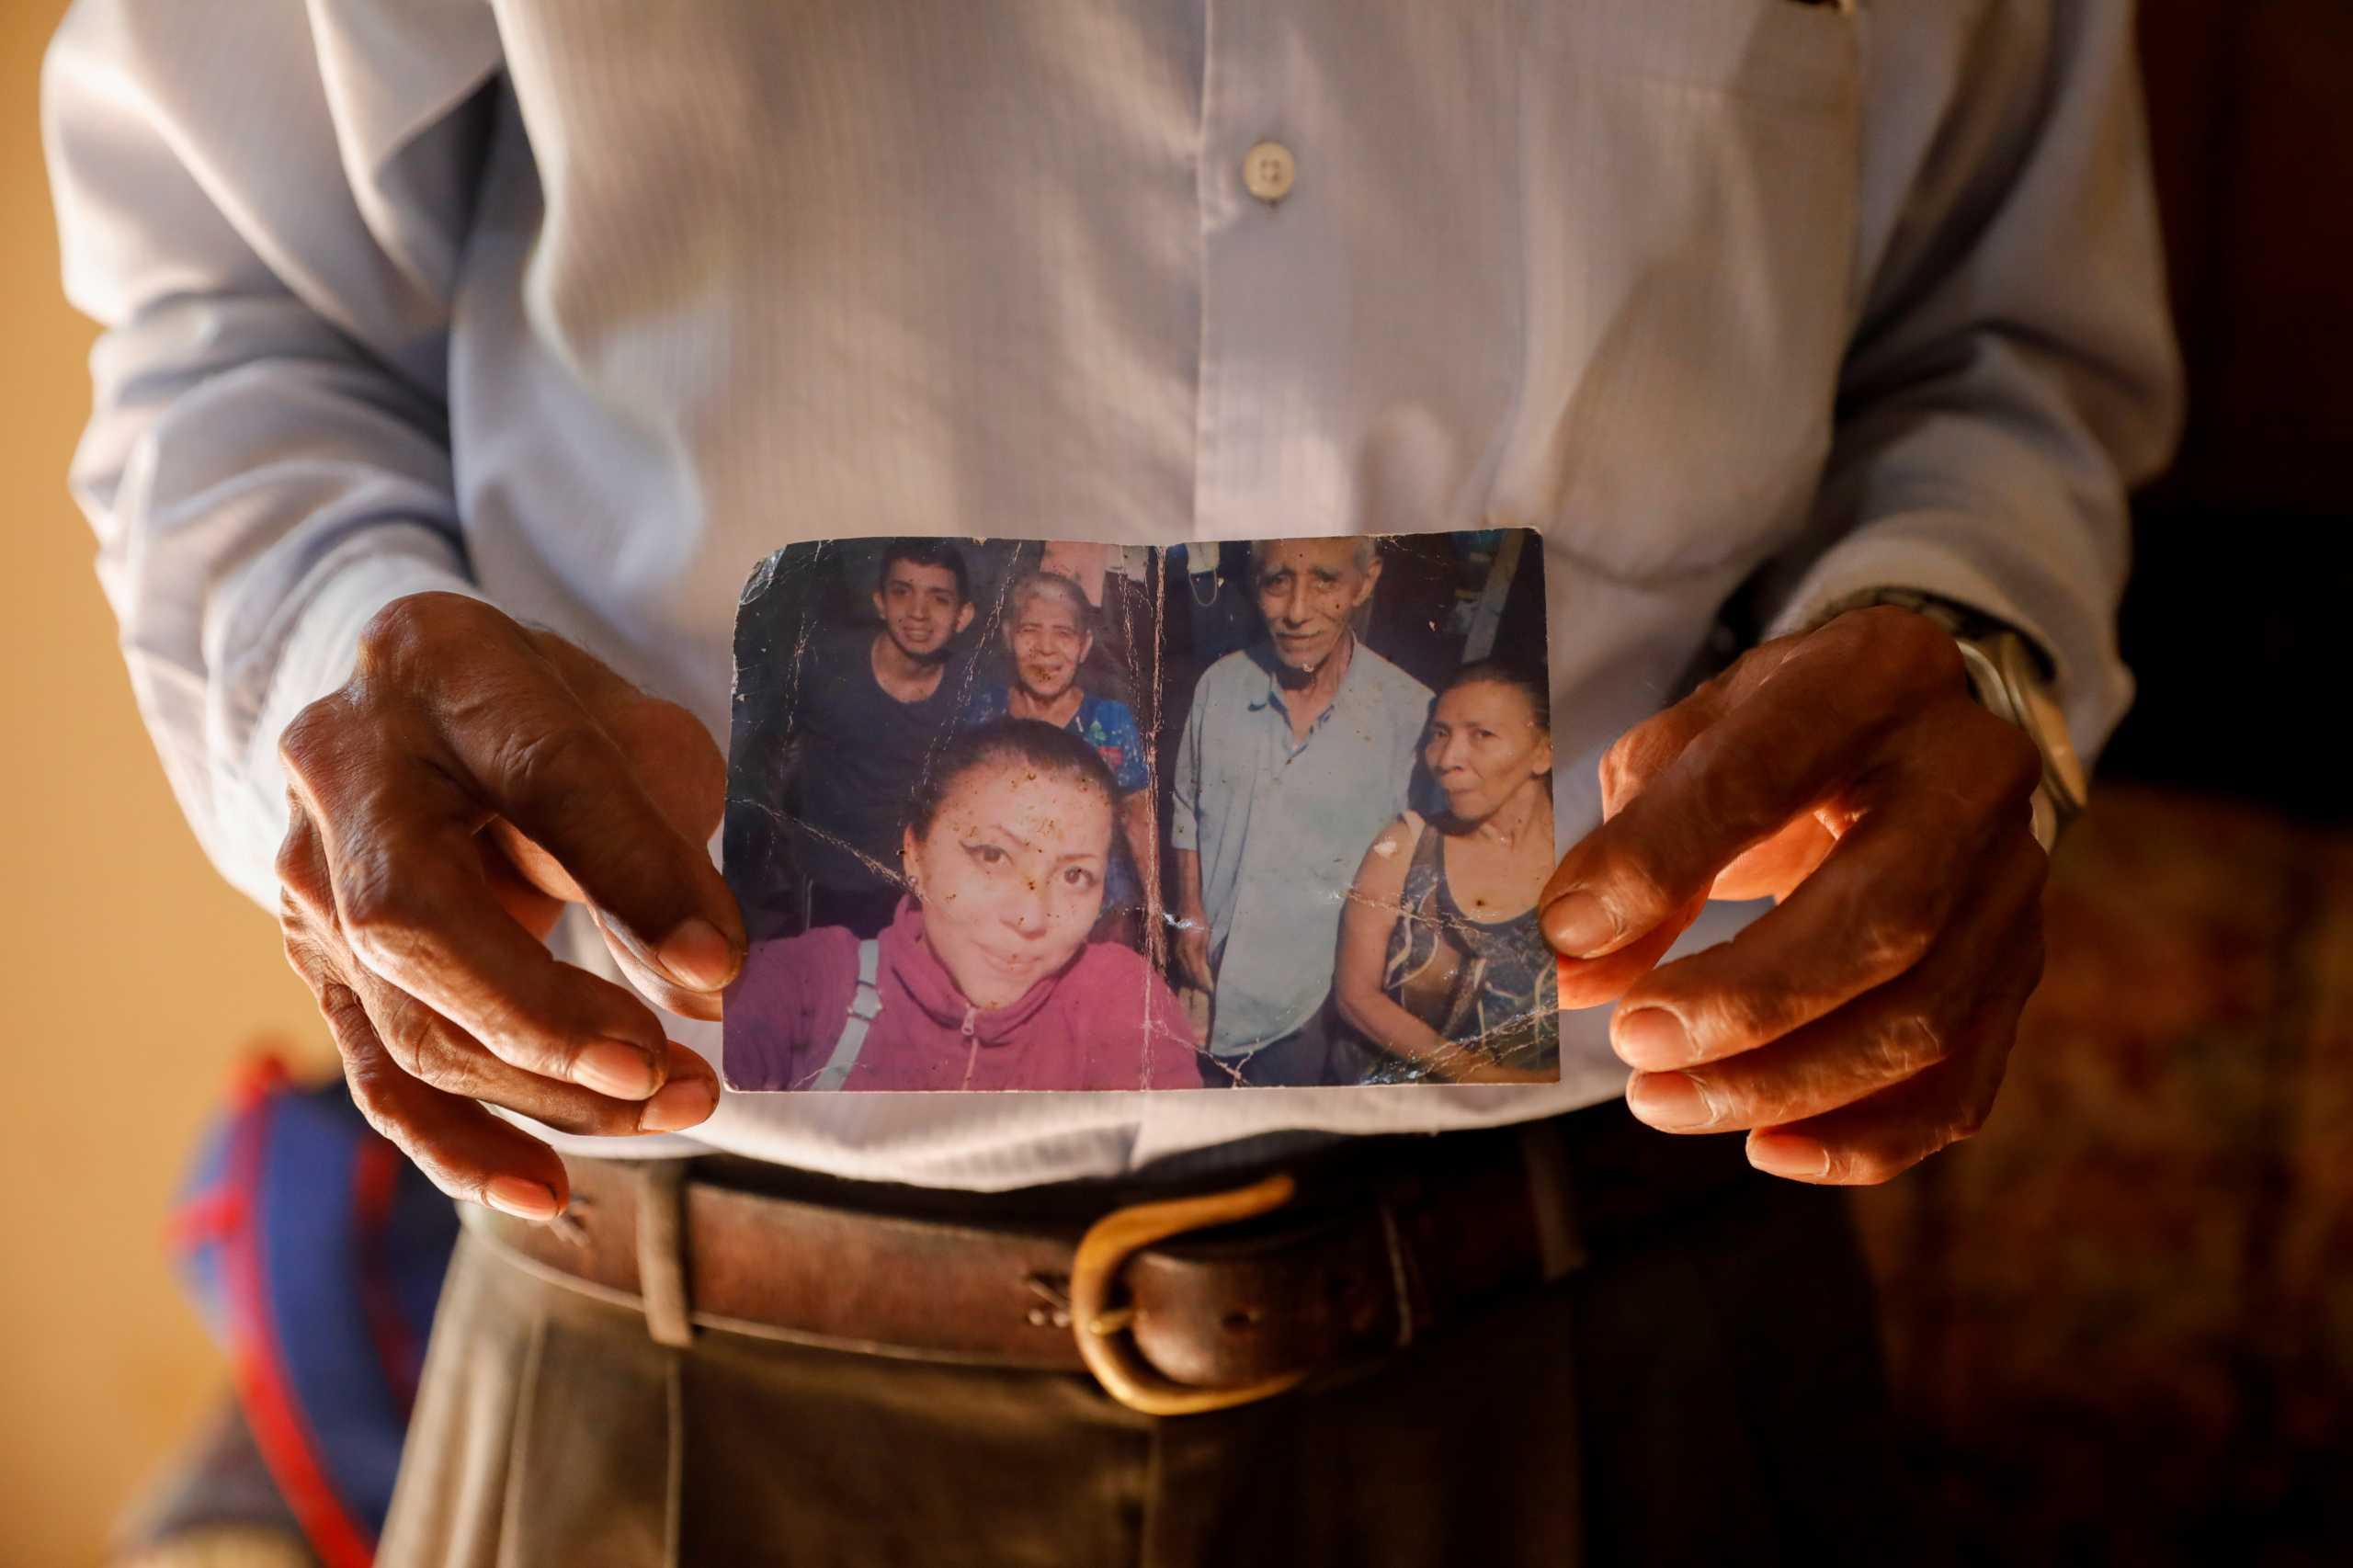 Ελ Σαλβαδόρ: Ίσως ο μεγαλύτερος δολοφόνος της ιστορίας! Βρέθηκαν 18 πτώματα και ακόμα… ψάχνουν